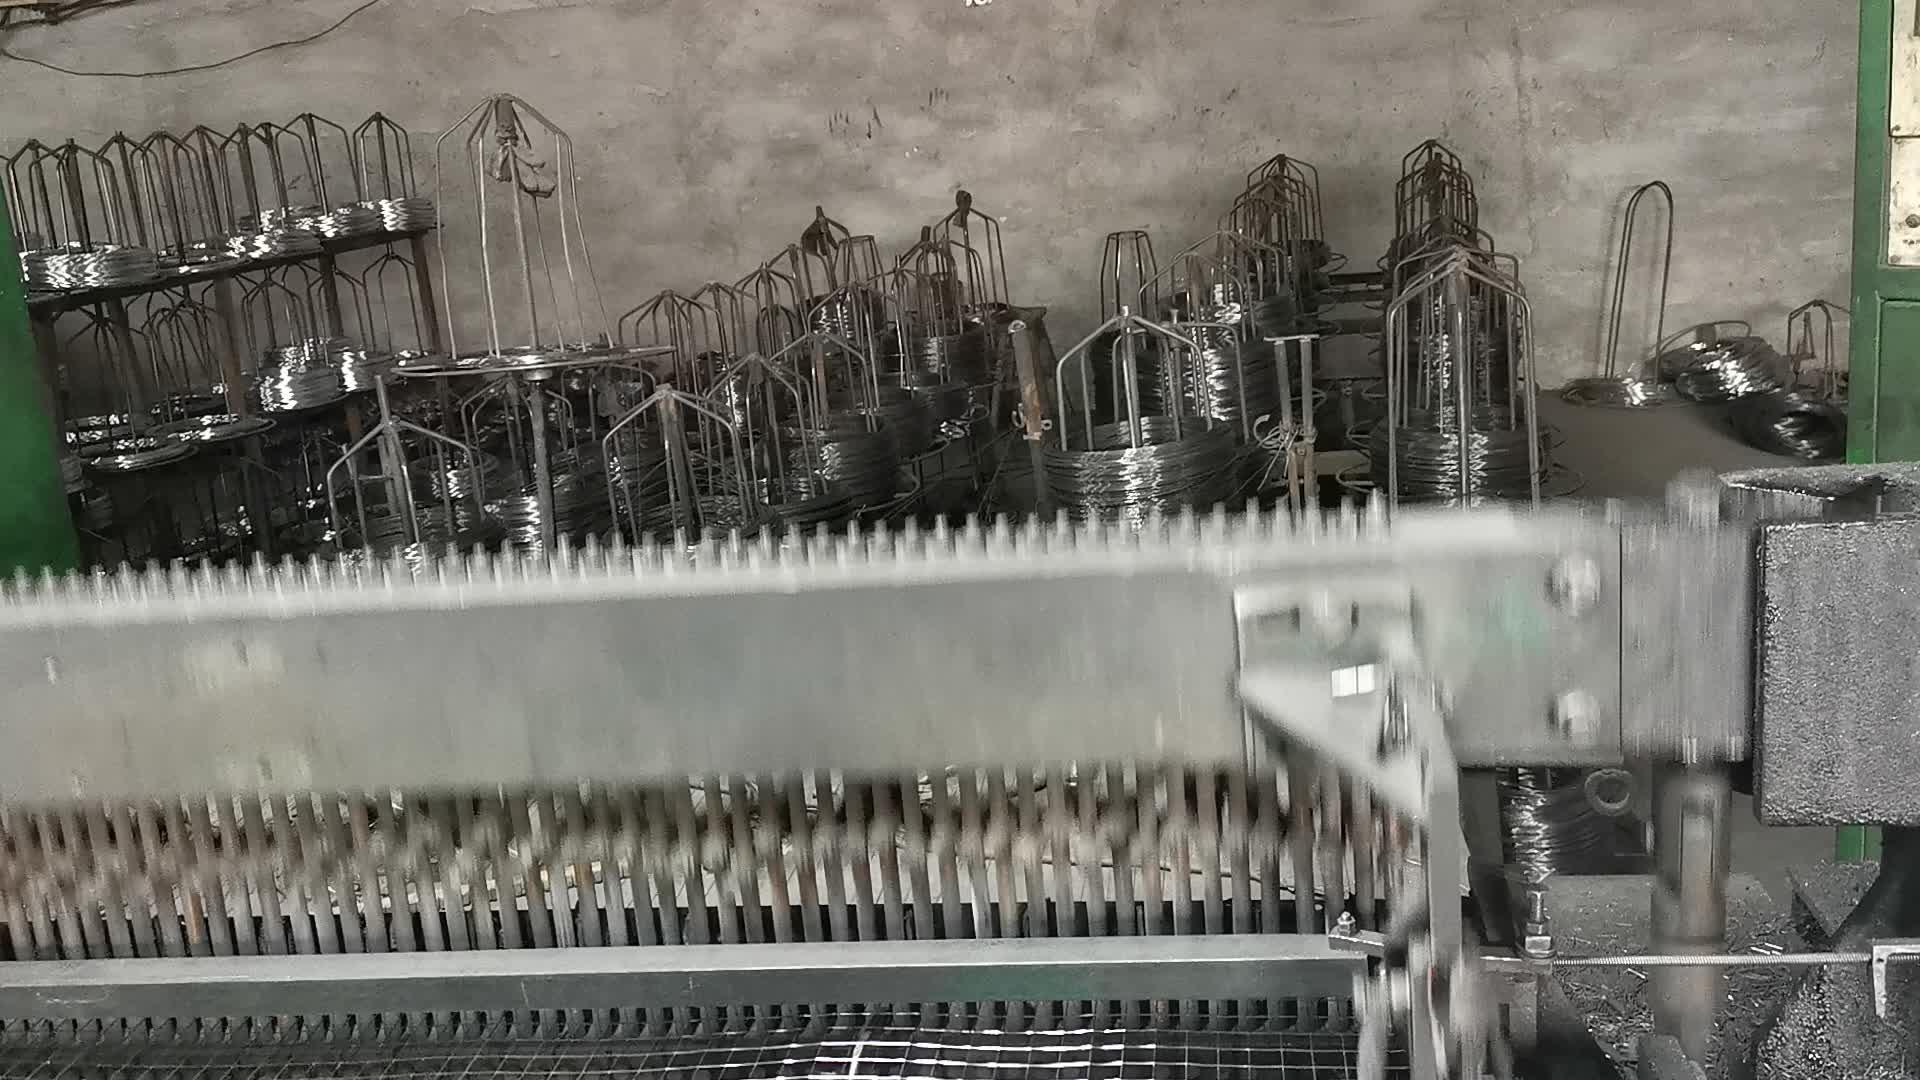 पीवीसी प्लास्टिक लेपित वेल्डेड तार जाल बनाने के लिए केकड़ा जाल